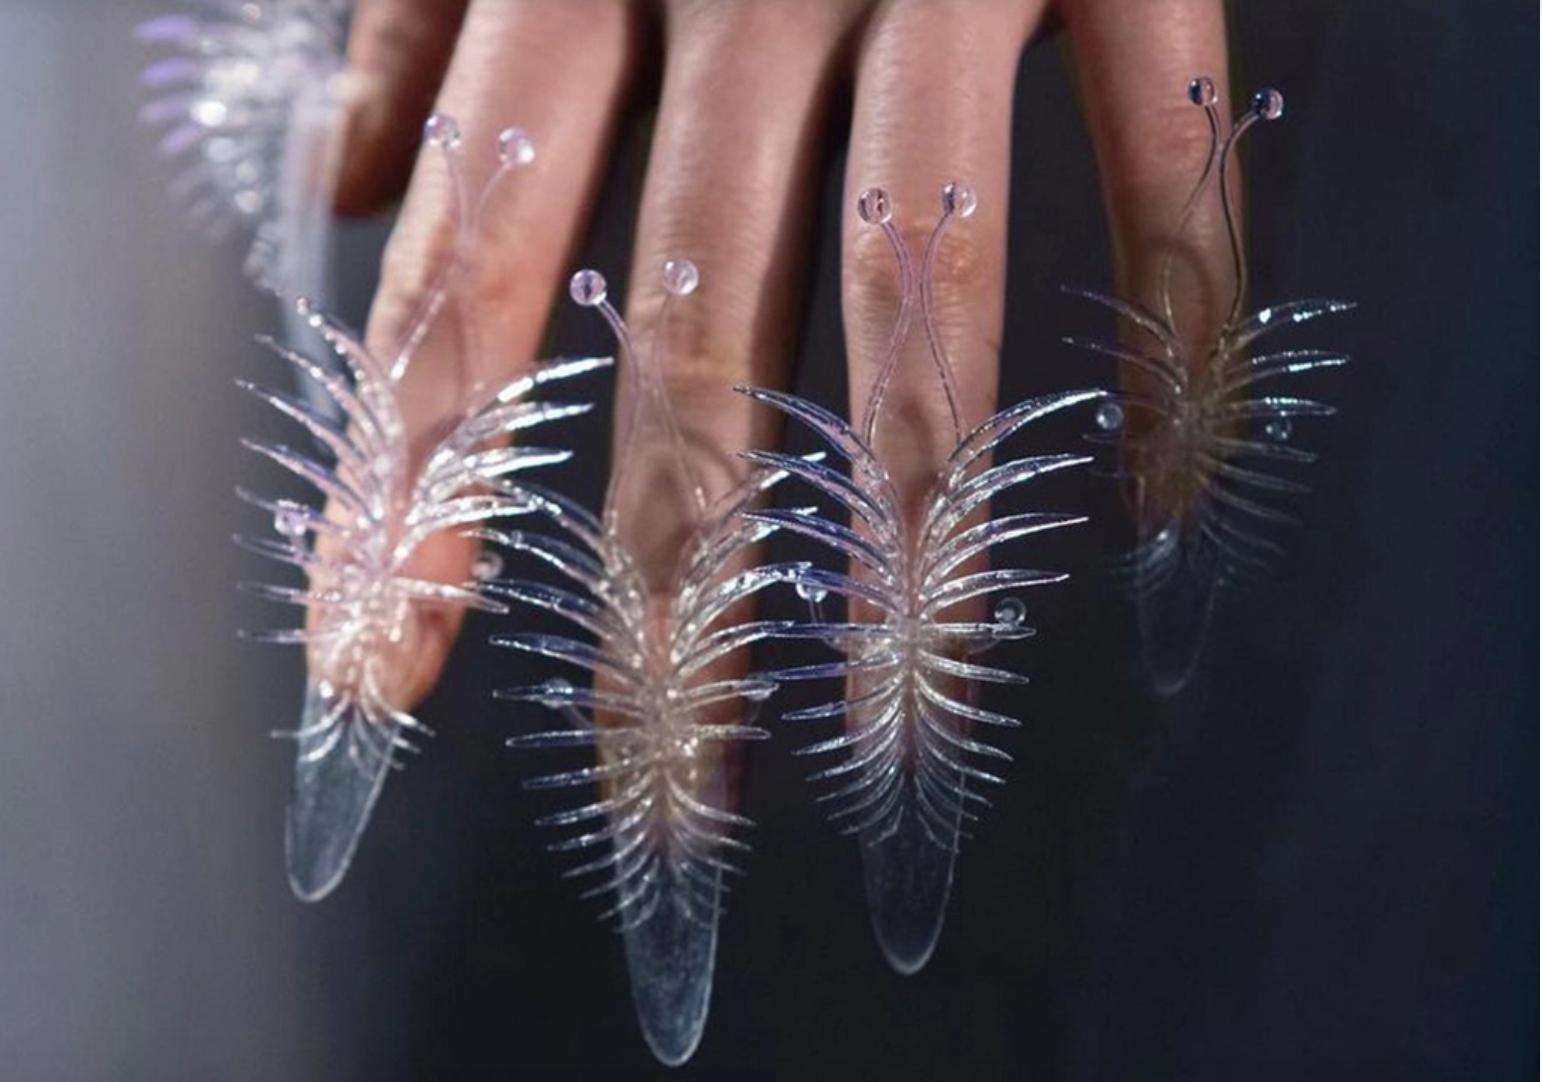 nail art van herpen - La nuova frontiera della tecnologia indossabile